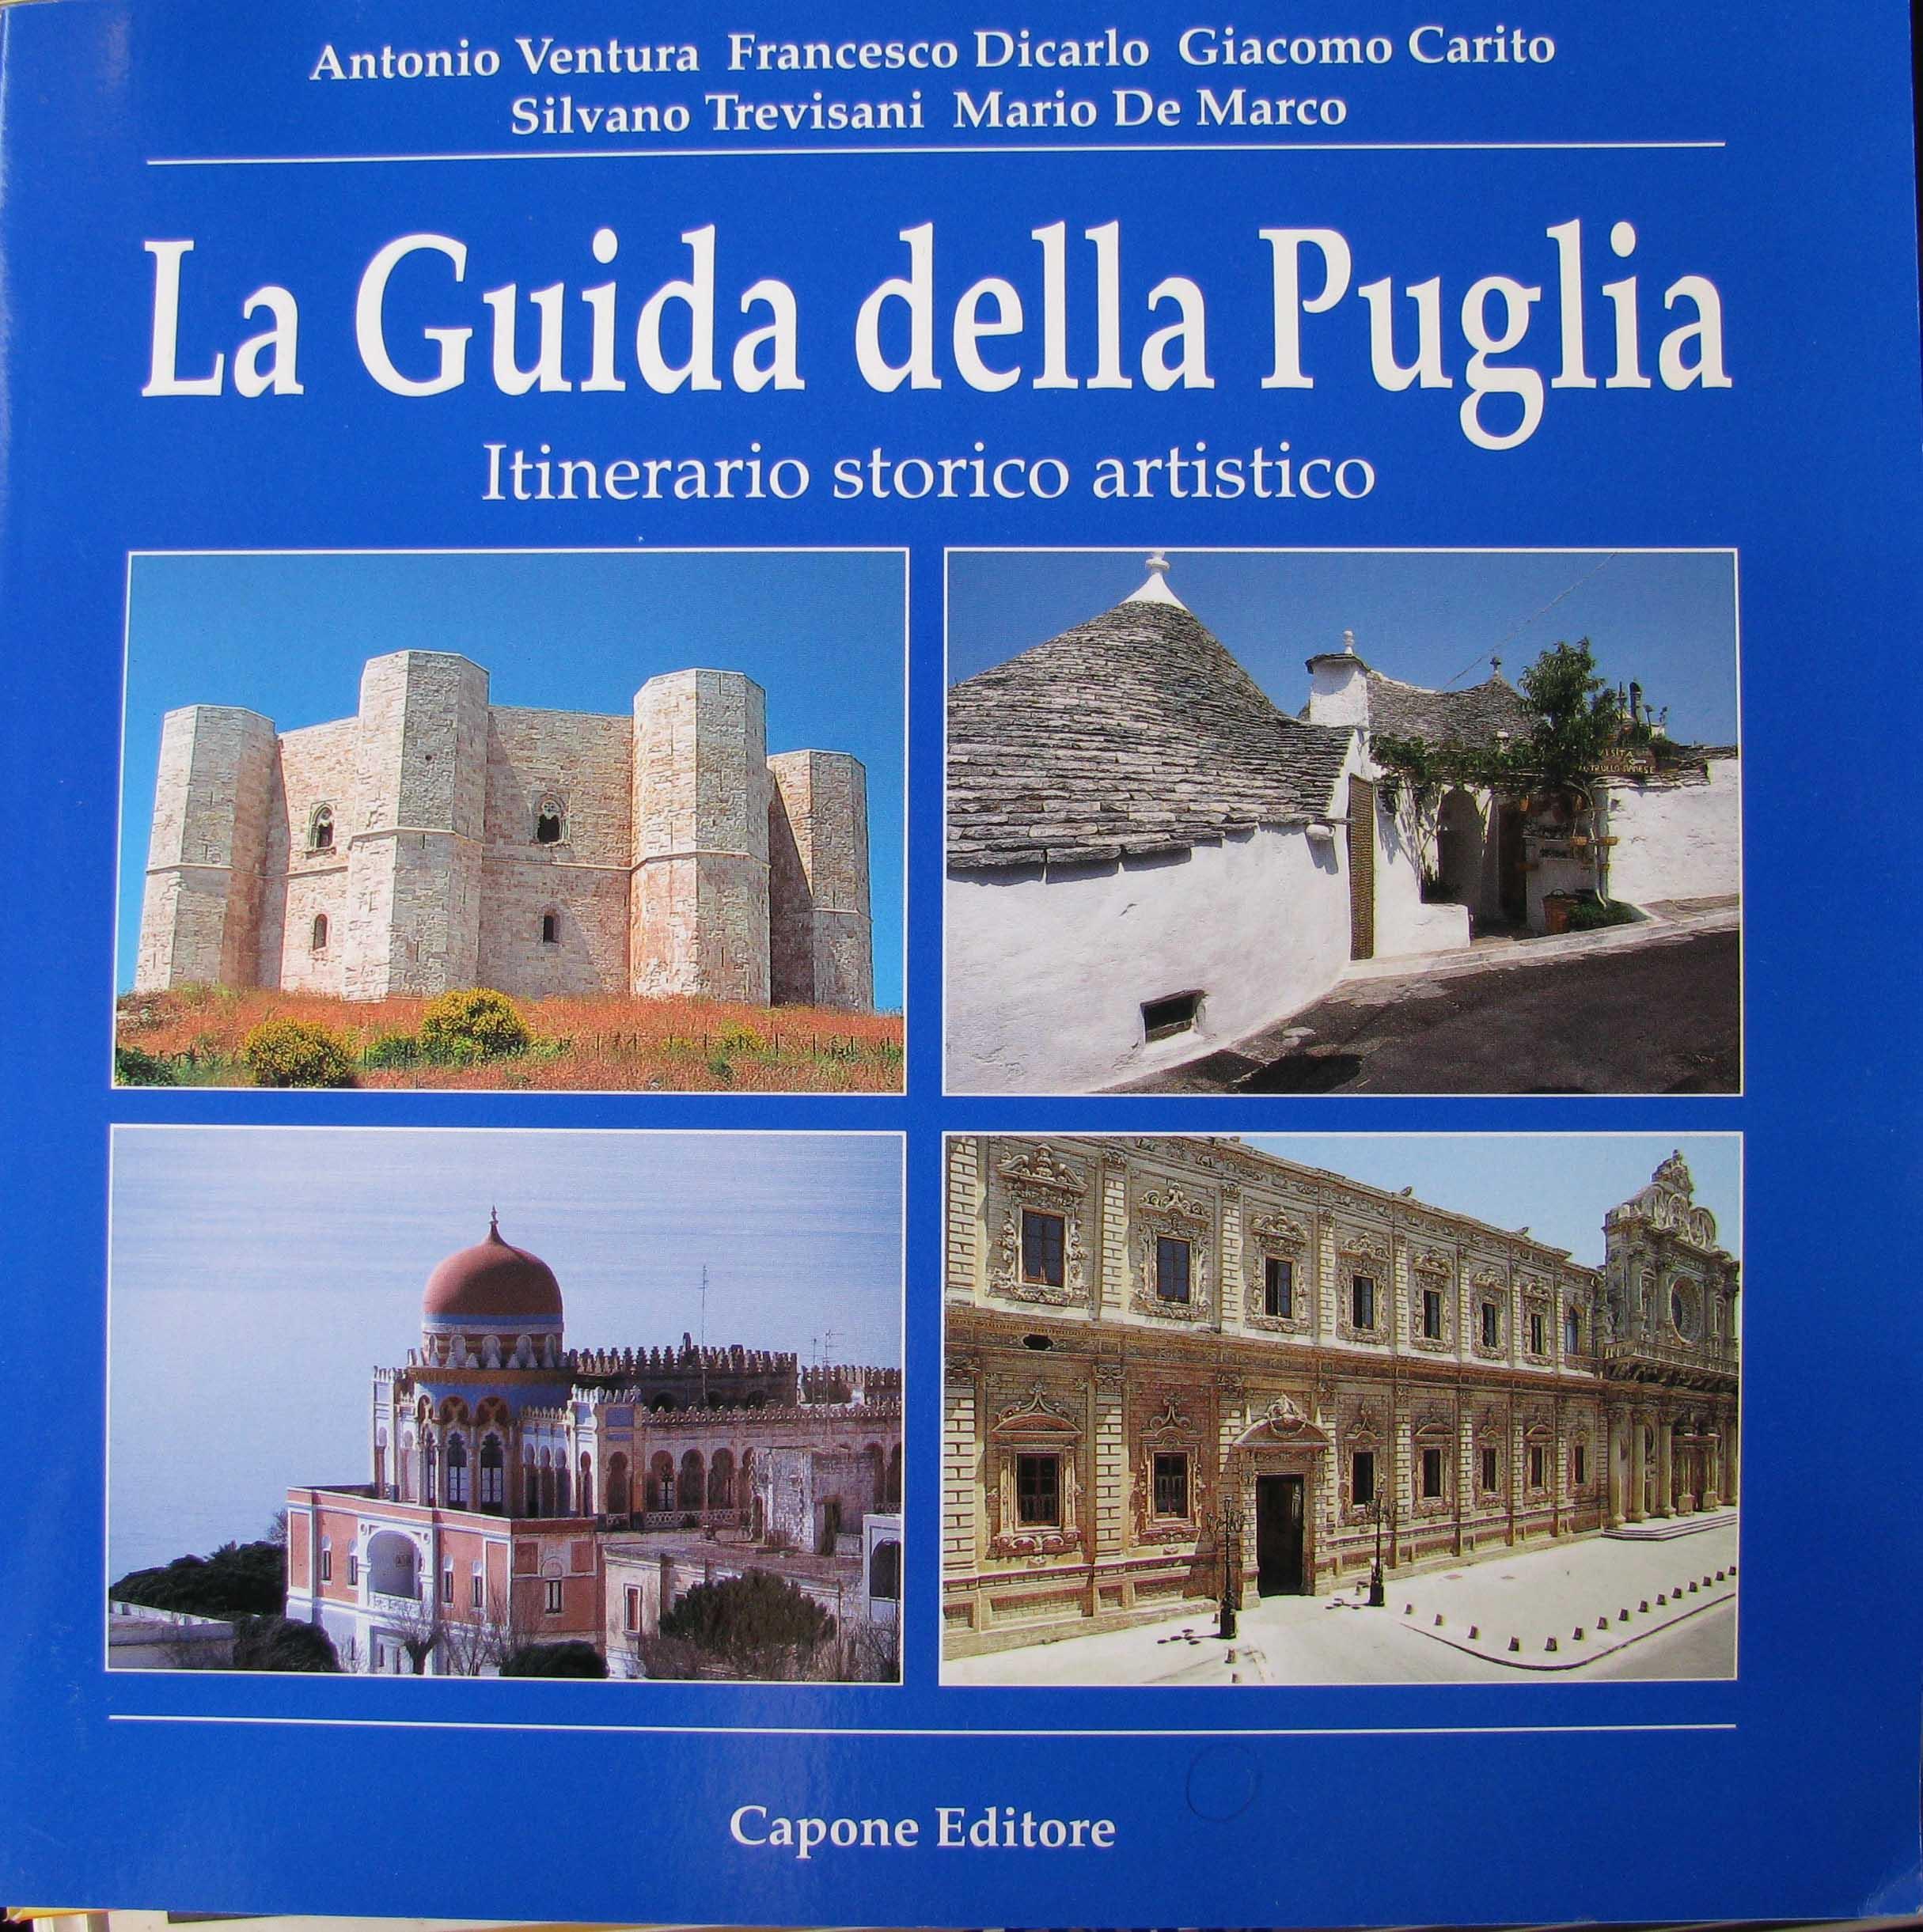 Guida della Puglia